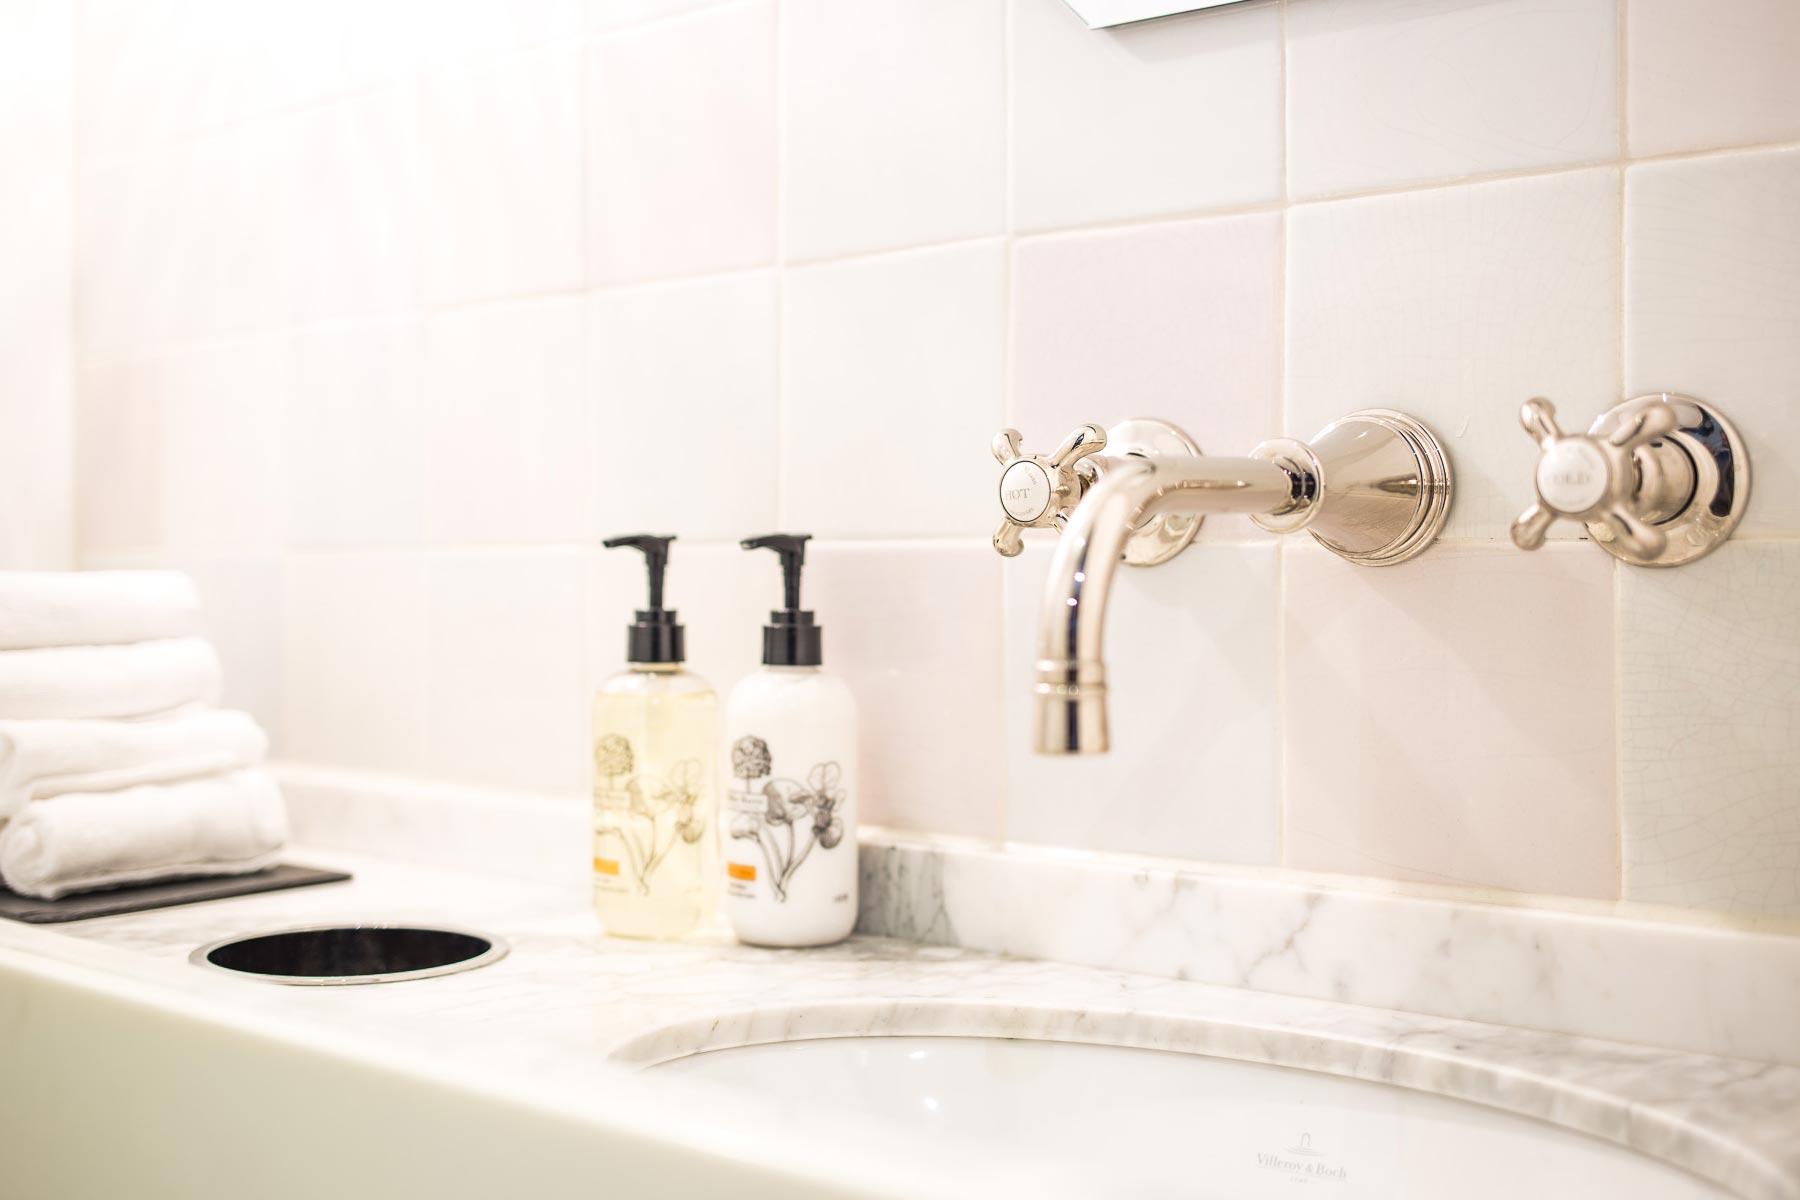 Luxe Badkamers Antwerpen : Landelijke badkamers keukens & toiletten taps & baths